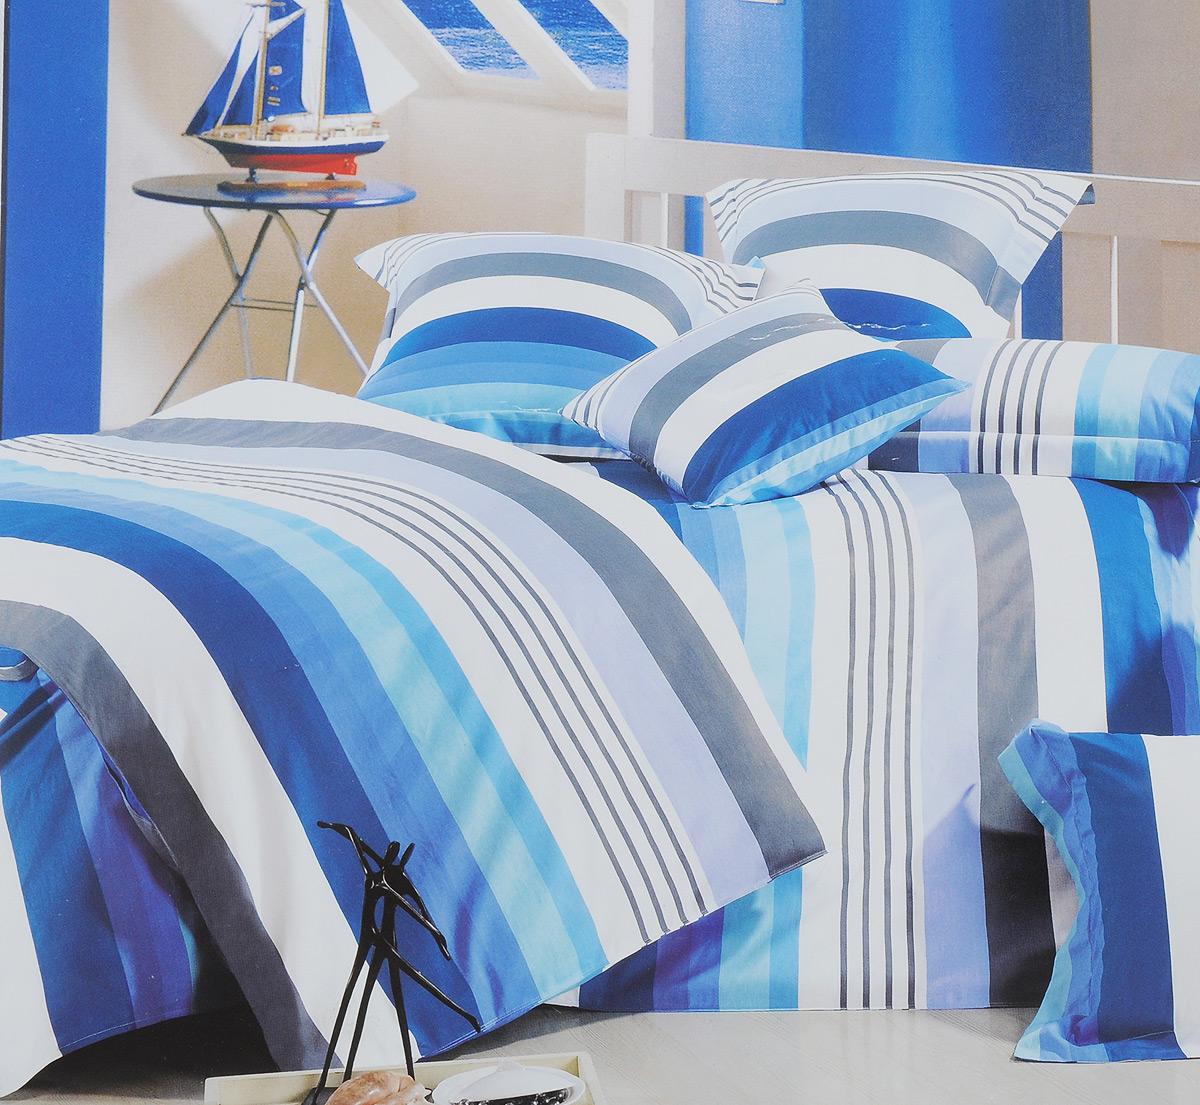 Комплект белья МарТекс Лагуна, евро, наволочки 50х70, 70х70, цвет: белый, голубой, синий391602Комплект постельного белья МарТекс Лагуна состоит из пододеяльника на молнии, простыни, двух наволочек 50х70 и двух наволочек 70х70. Постельное белье оформлено цветными полоскамии имеет изысканный внешний вид. Сатин - производится из высших сортов хлопка, а своим блеском, легкостью и на ощупь напоминает шелк. Такая ткань рассчитана на 200 стирок и более. Постельное белье из сатина превращает жаркие летние ночи в прохладные и освежающие, а холодные зимние - в теплые и согревающие. Благодаря натуральному хлопку, комплект постельного белья из сатина приобретает способность пропускать воздух, давая возможность телу дышать. Одно из преимуществ материала в том, что он практически не мнется и ваша спальня всегда будет аккуратной и нарядной. Приобретая комплект постельного белья МарТекс Лагуна, вы можете быть уверенны в том, что покупка доставит вам и вашим близким удовольствие и подарит максимальный комфорт.